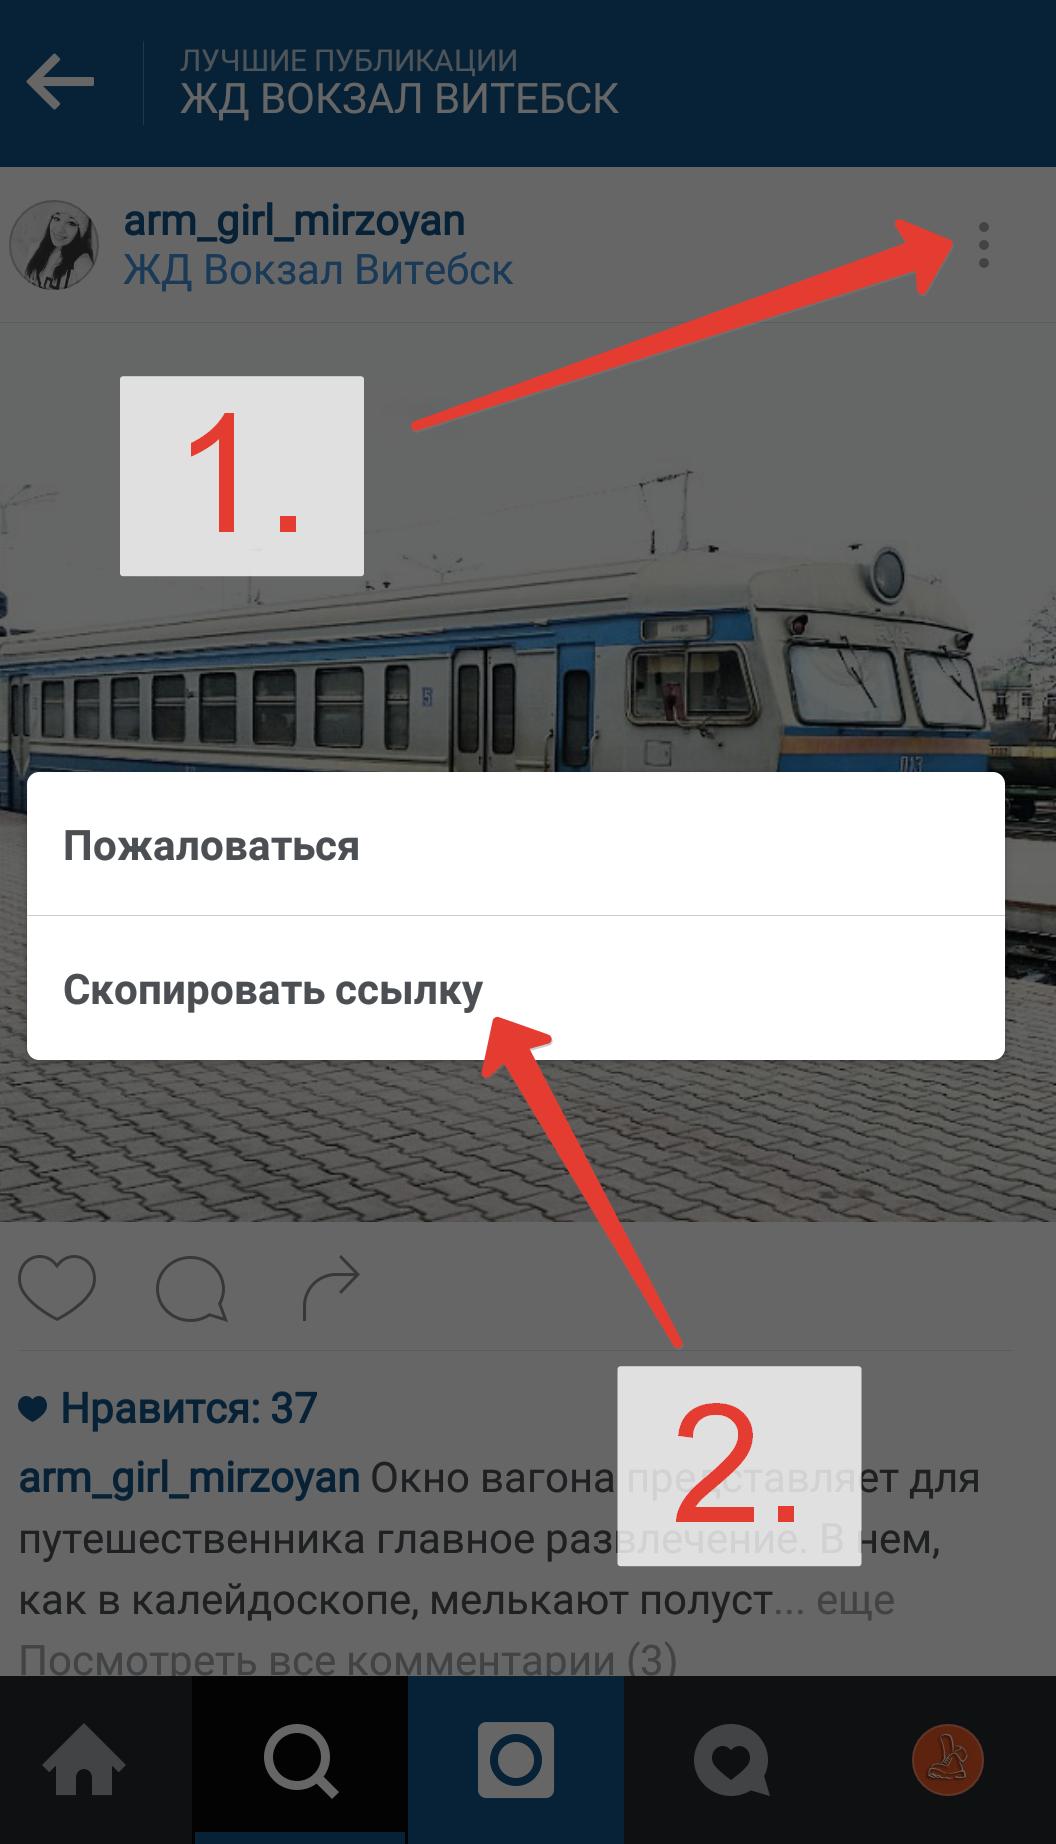 Как создать аккаунт Instagram? Справочный центр Instagram 36